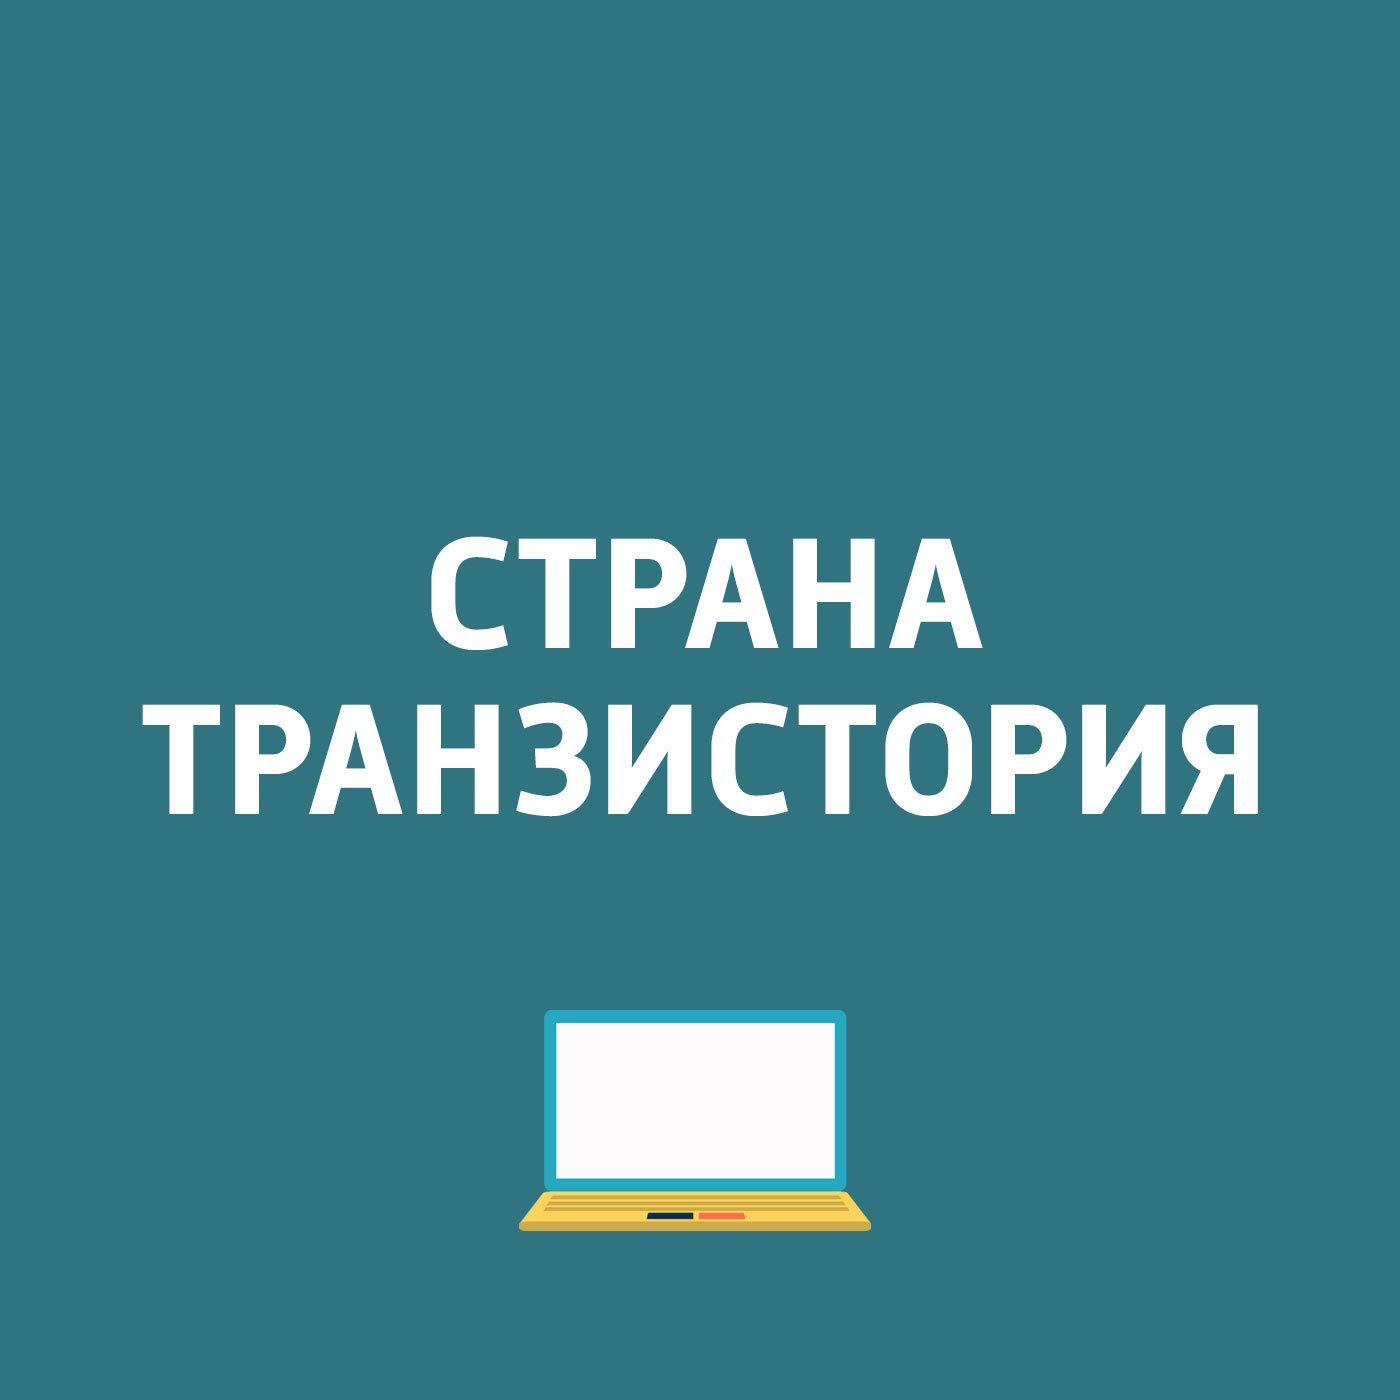 Картаев Павел Начало продаж в России Nokia 1 и Nokia 2.1; Отчёт по продажам компьютеров в мире за второй квартал 2018 года; Азбука Морзе для iOS